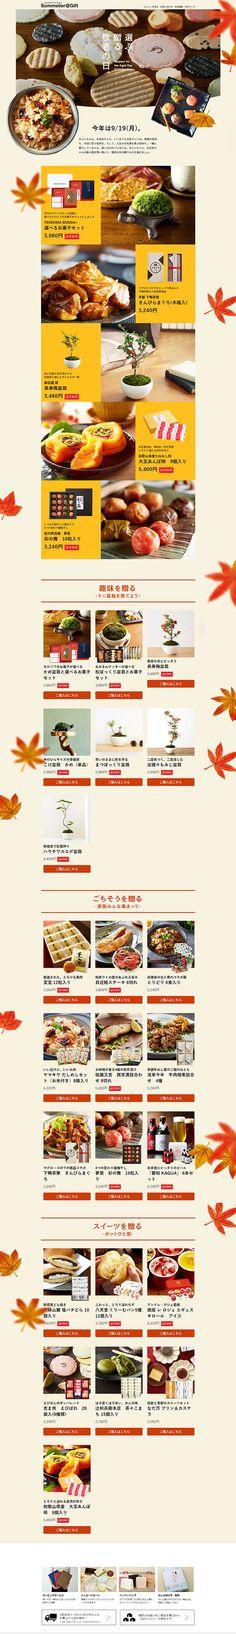 敬老の日特集2016【ペット・花・DIY工具関連】のLPデザイン。WEBデザイナーさん必見!ランディングページのデザイン参考に(オーガニック系) Web Design, Food Design, Graphic Design, Web Japan, Food Banner, Layout, Design Elements, Respect, Graphics